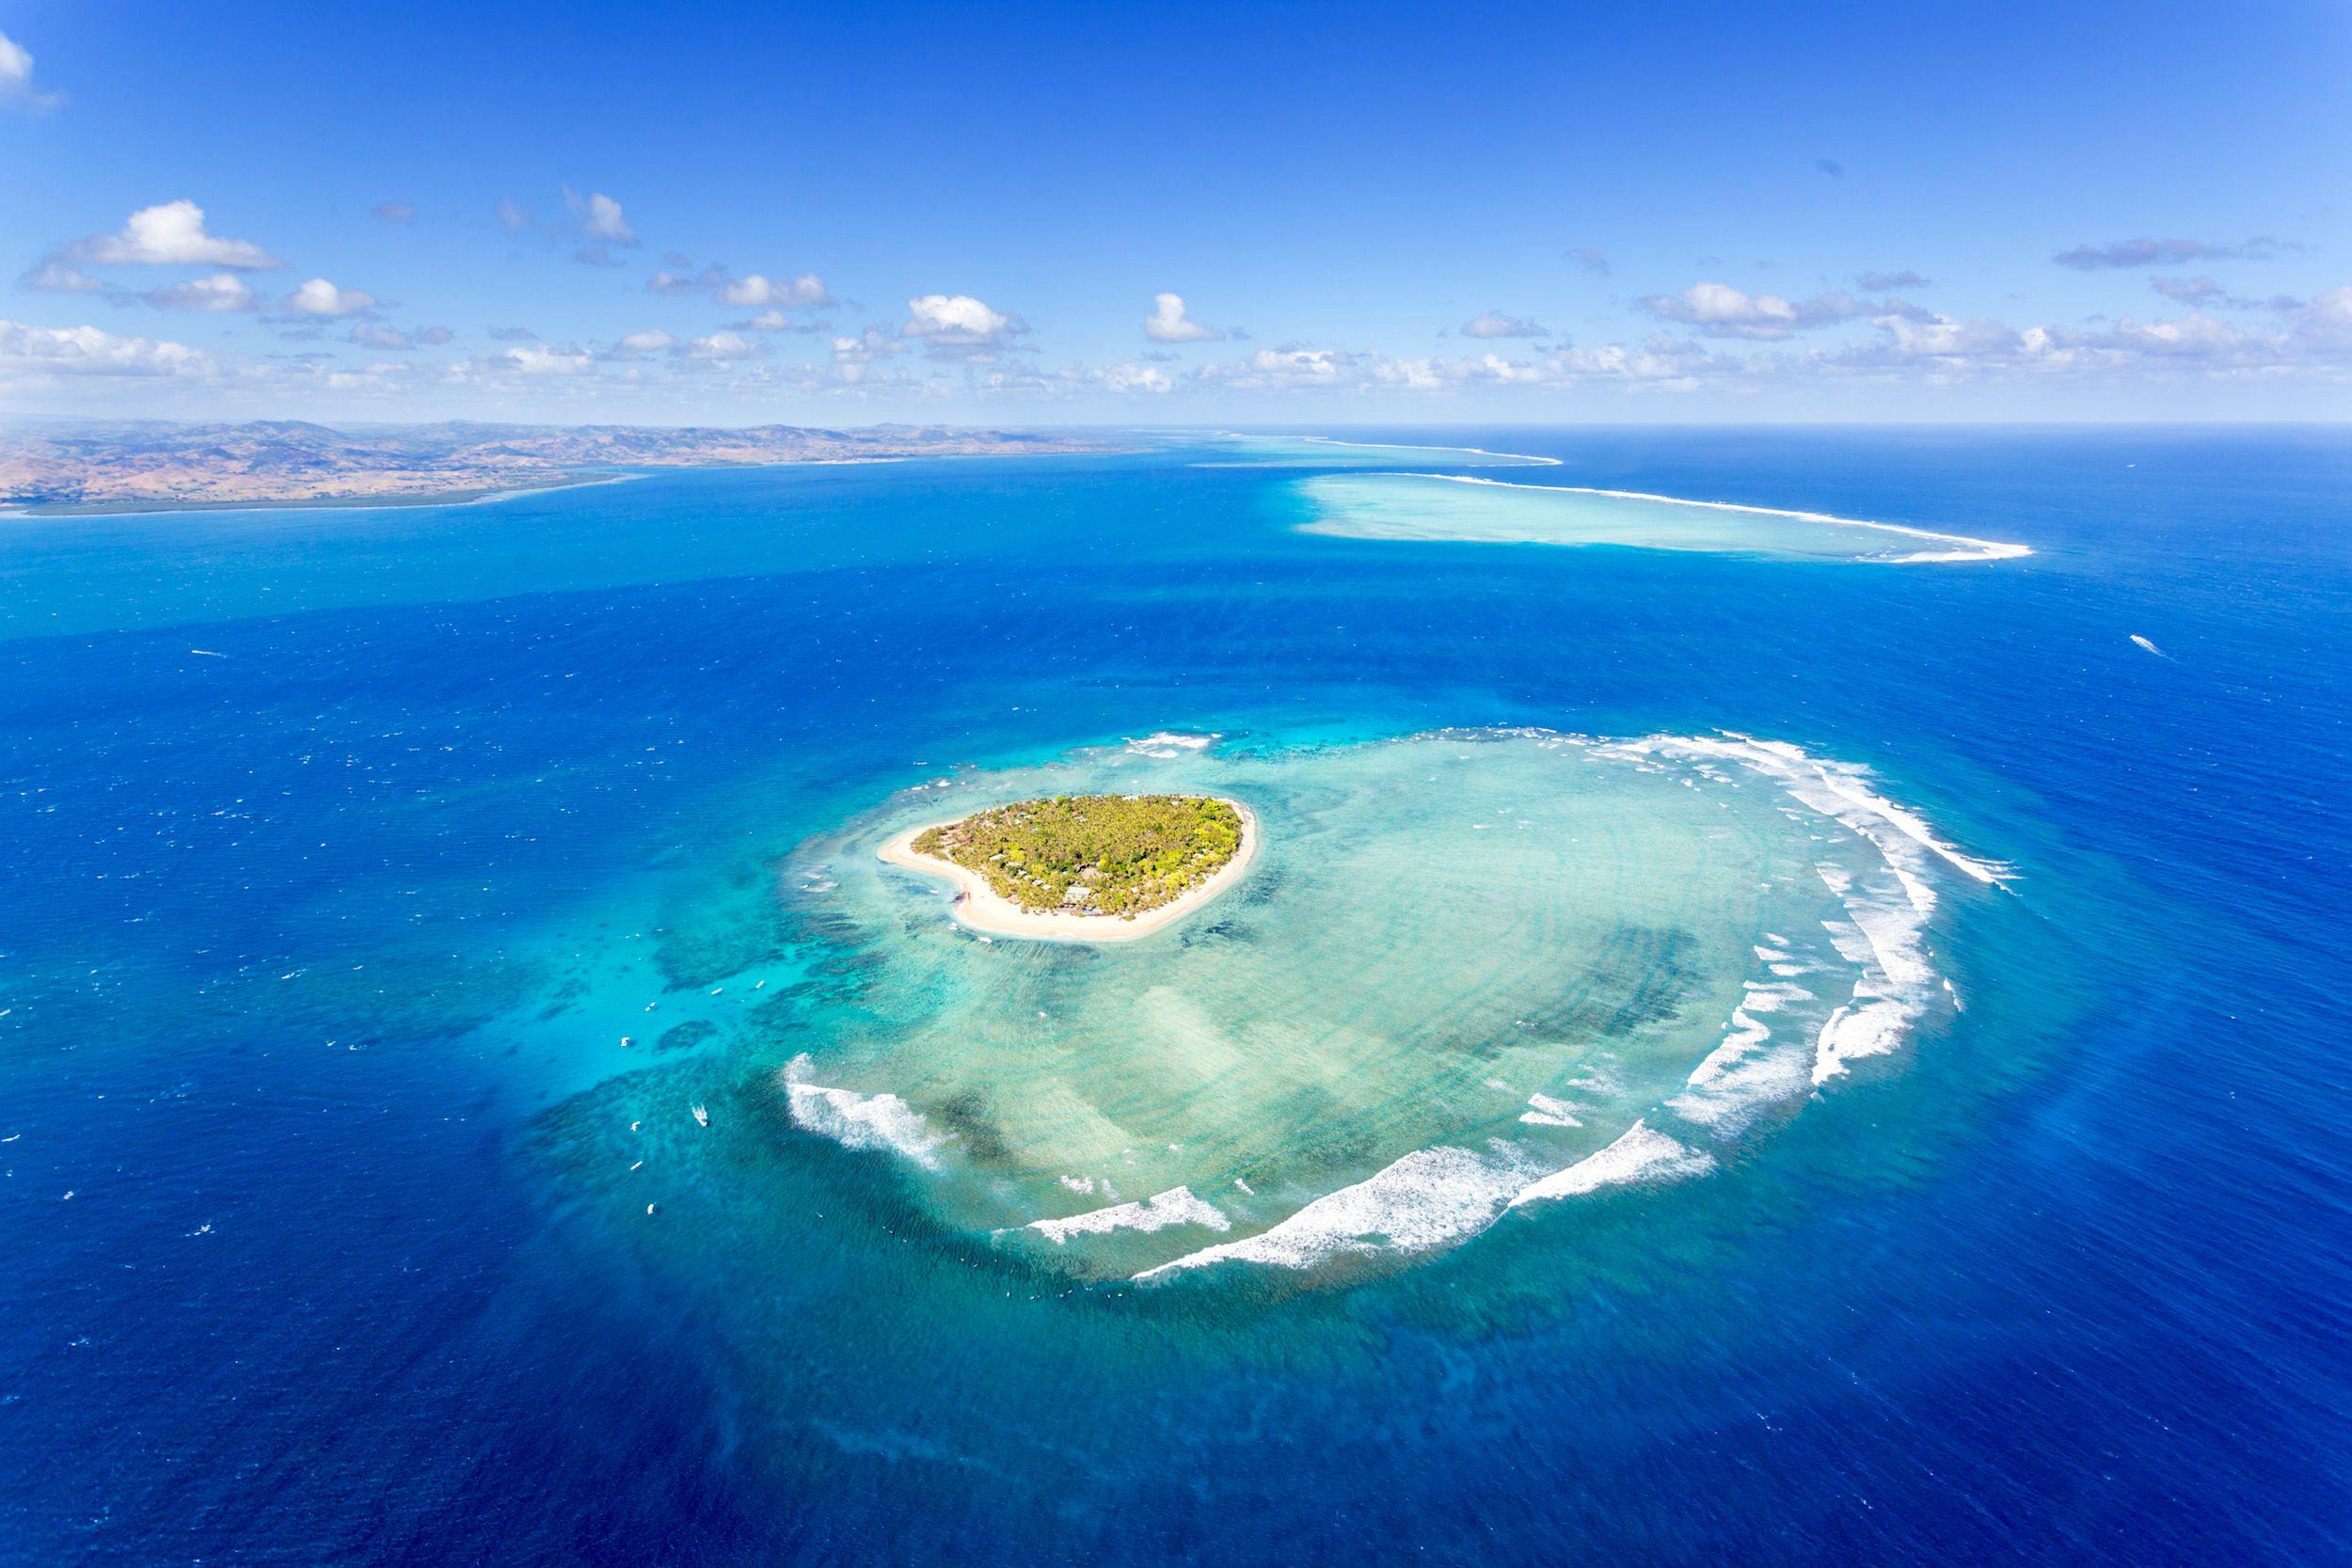 Le sette isole più remote dell'Oceano Pacifico